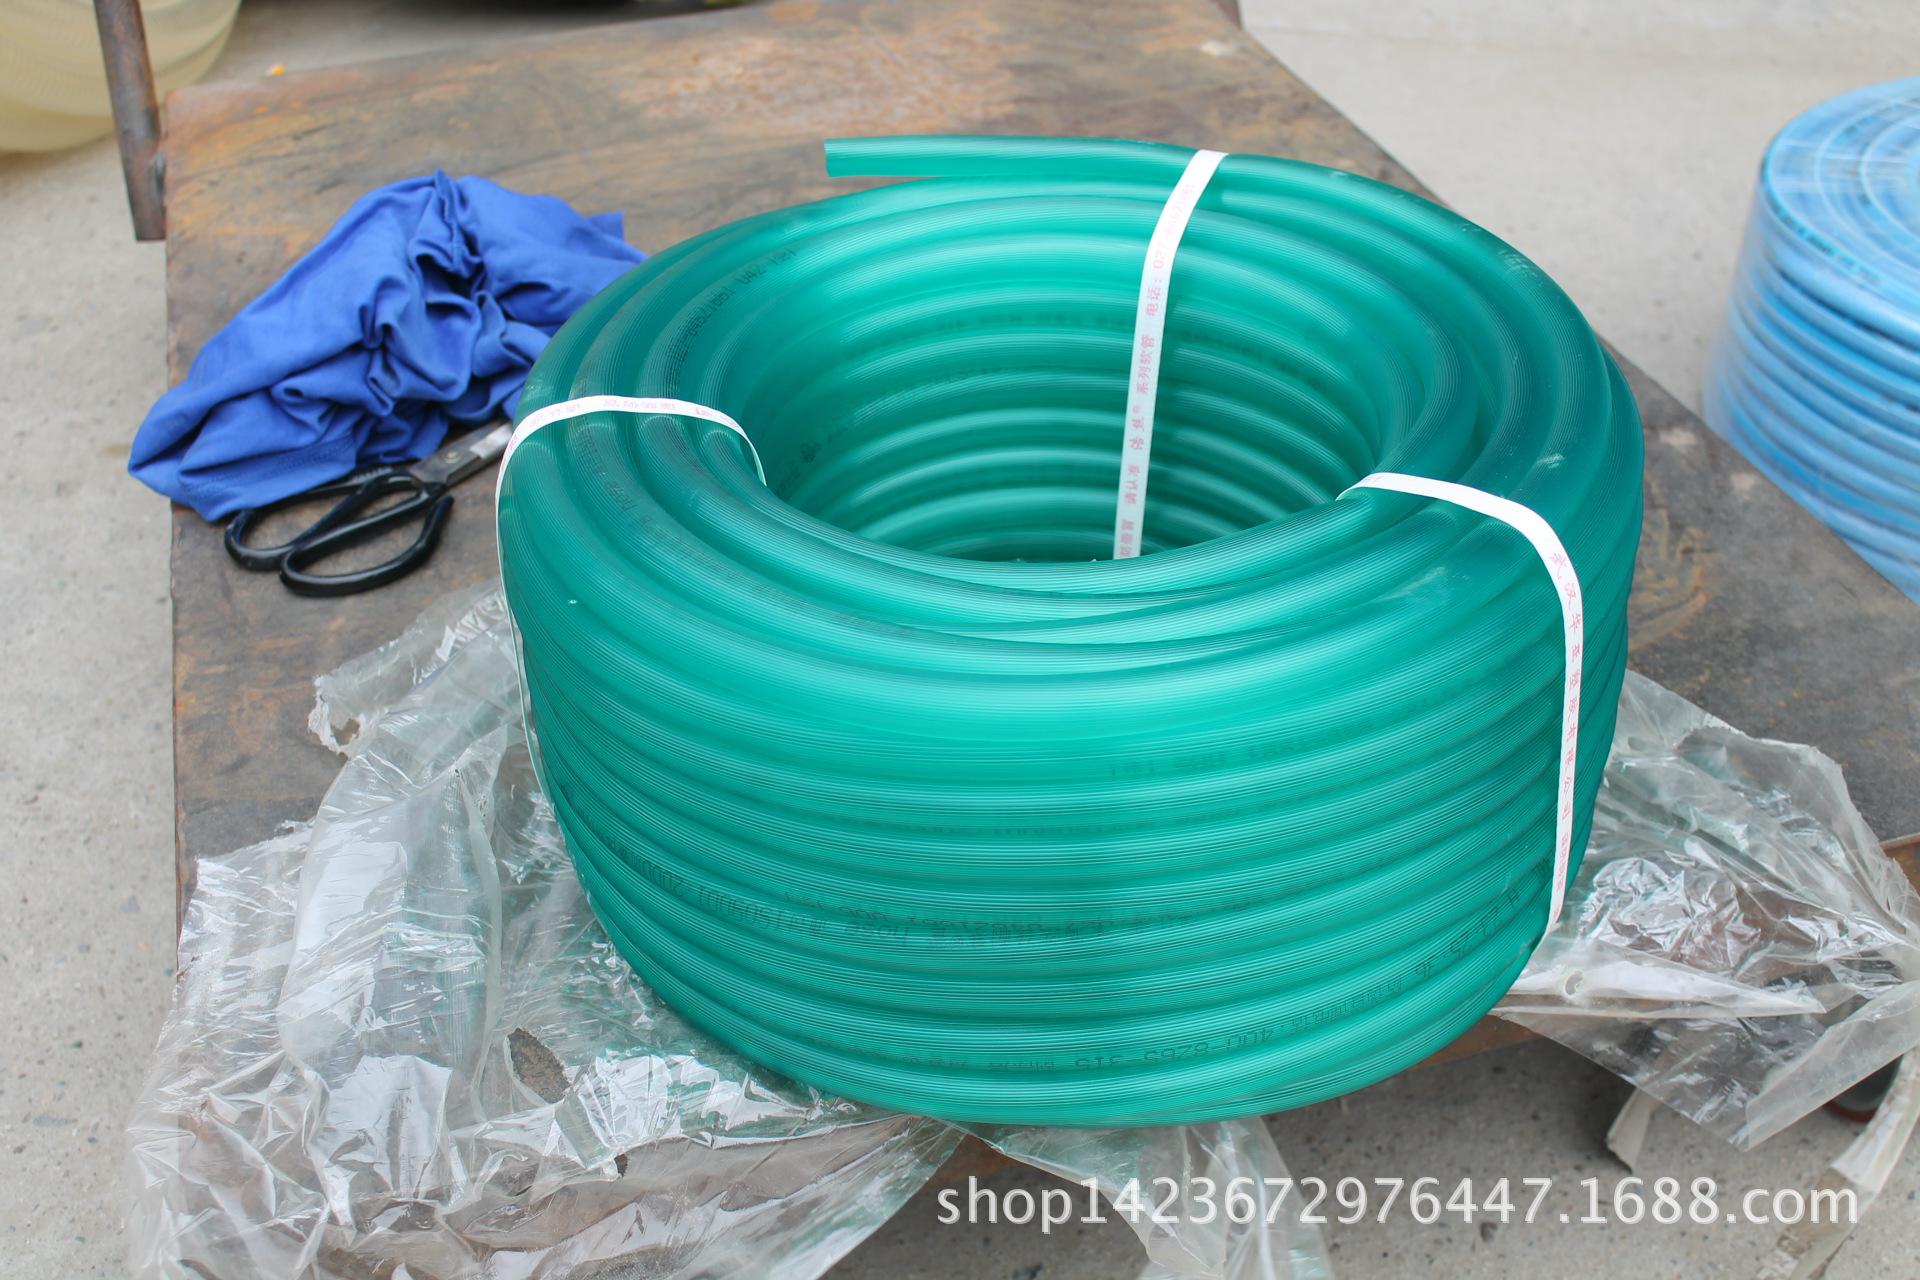 批量供应PVC软管 本源hose耐寒软管 塑料排水管 塑料管